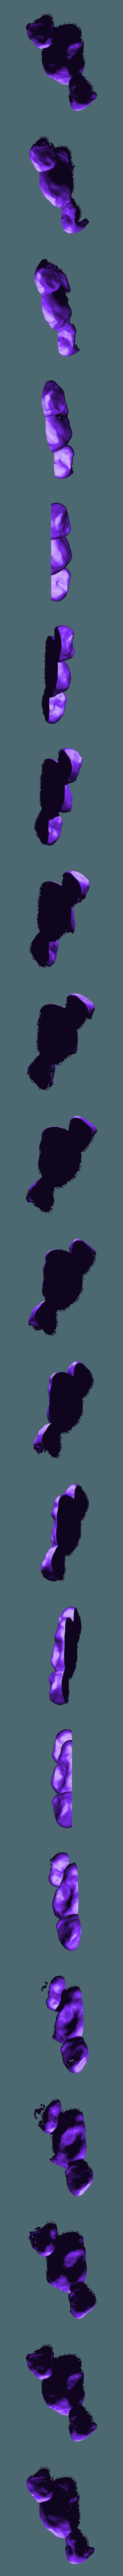 cluster1.stl Download free STL file The Space Set • 3D print design, HeribertoValle